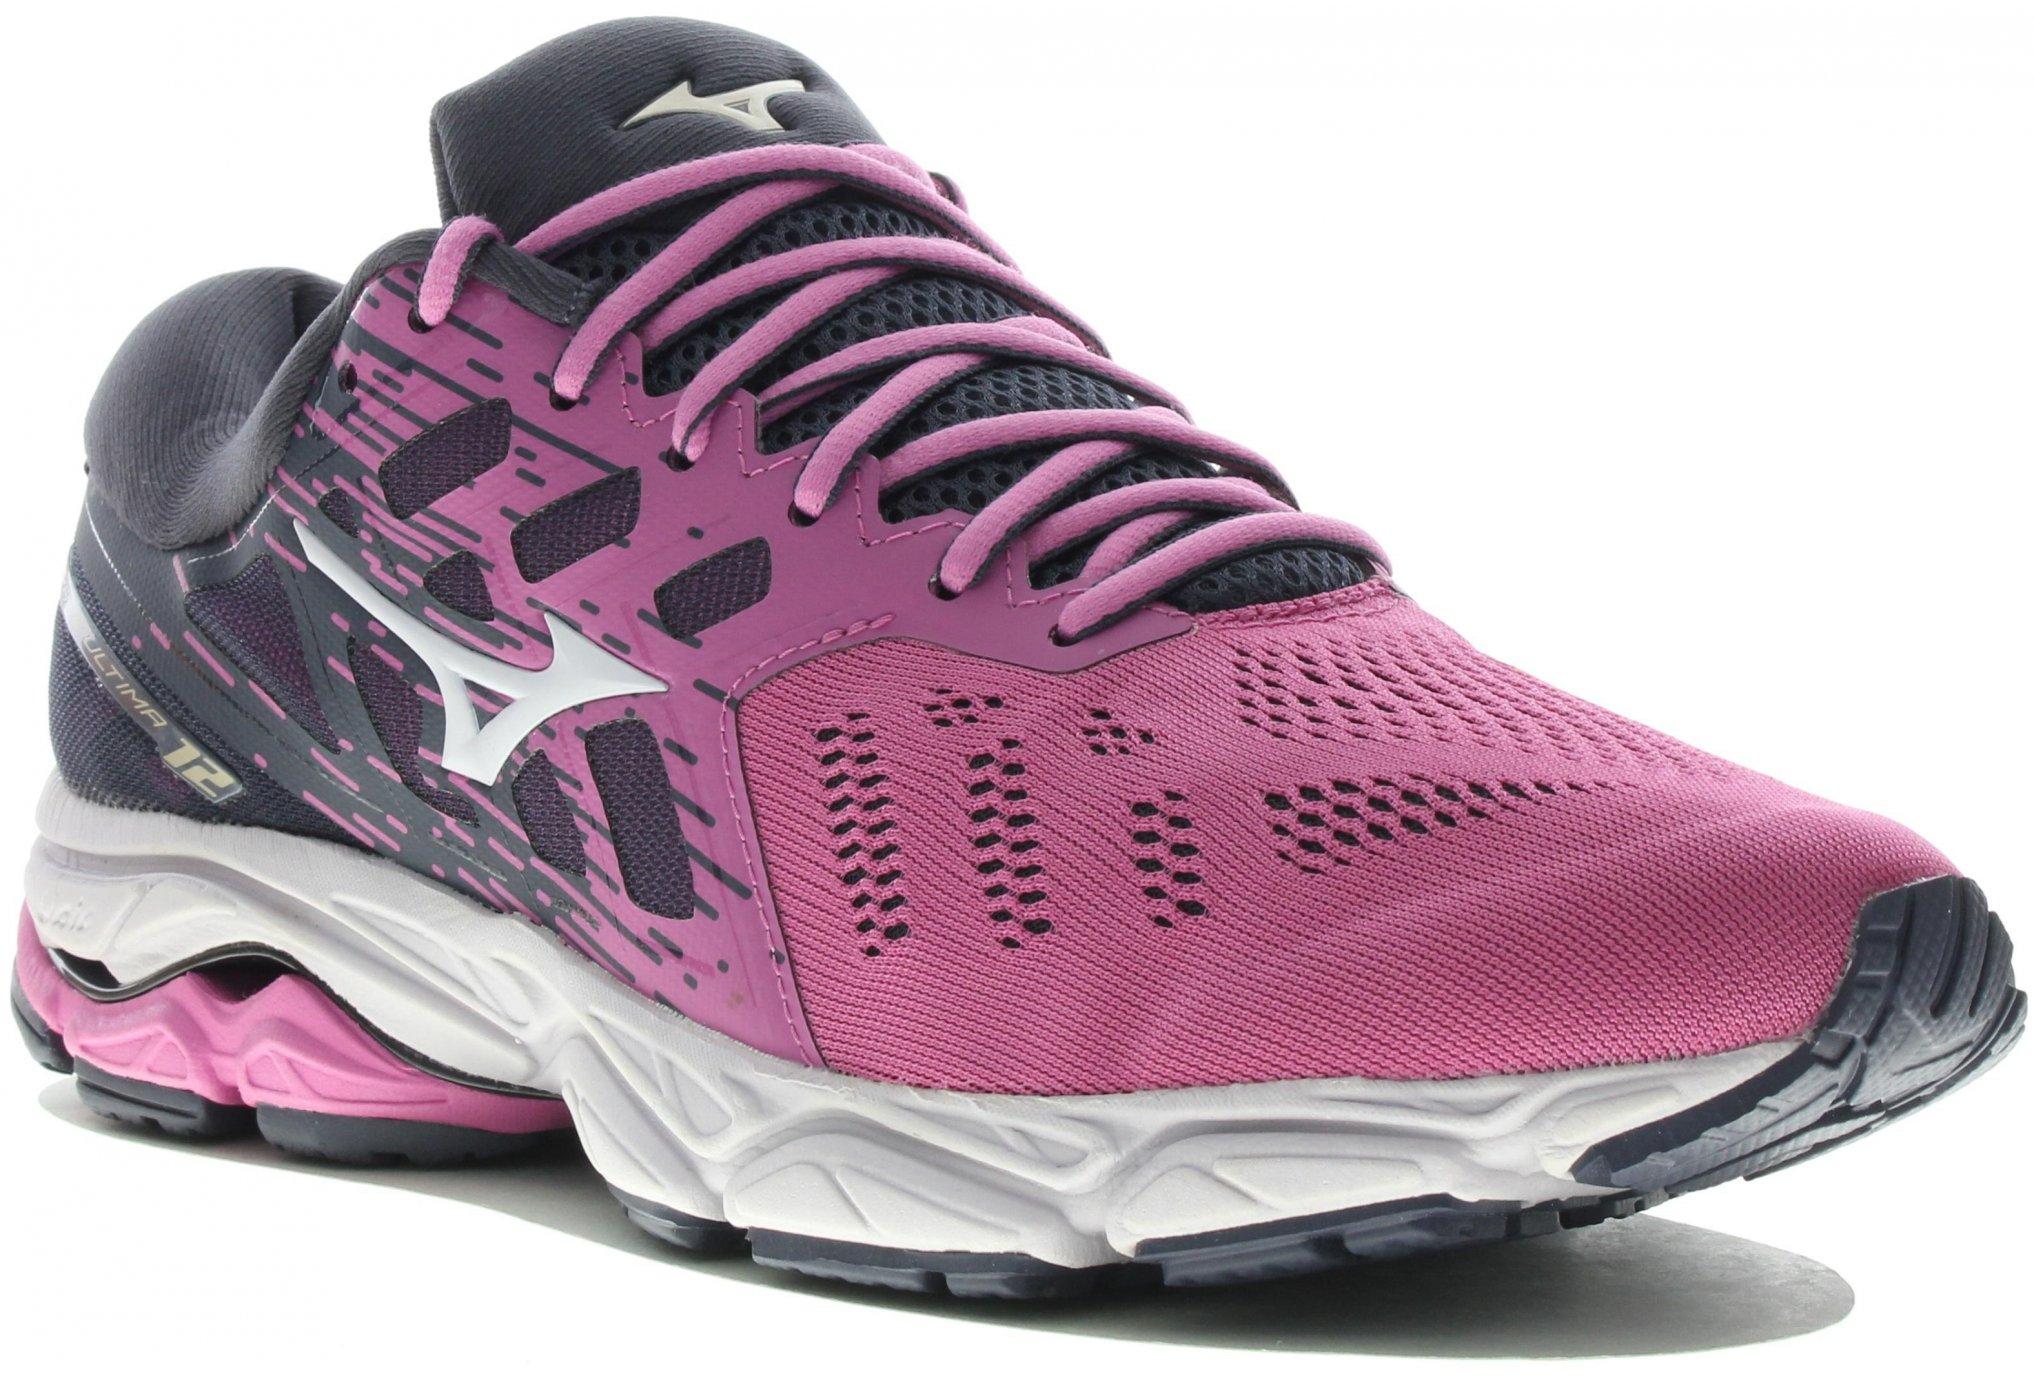 Mizuno Wave Ultima 12 W Chaussures running femme